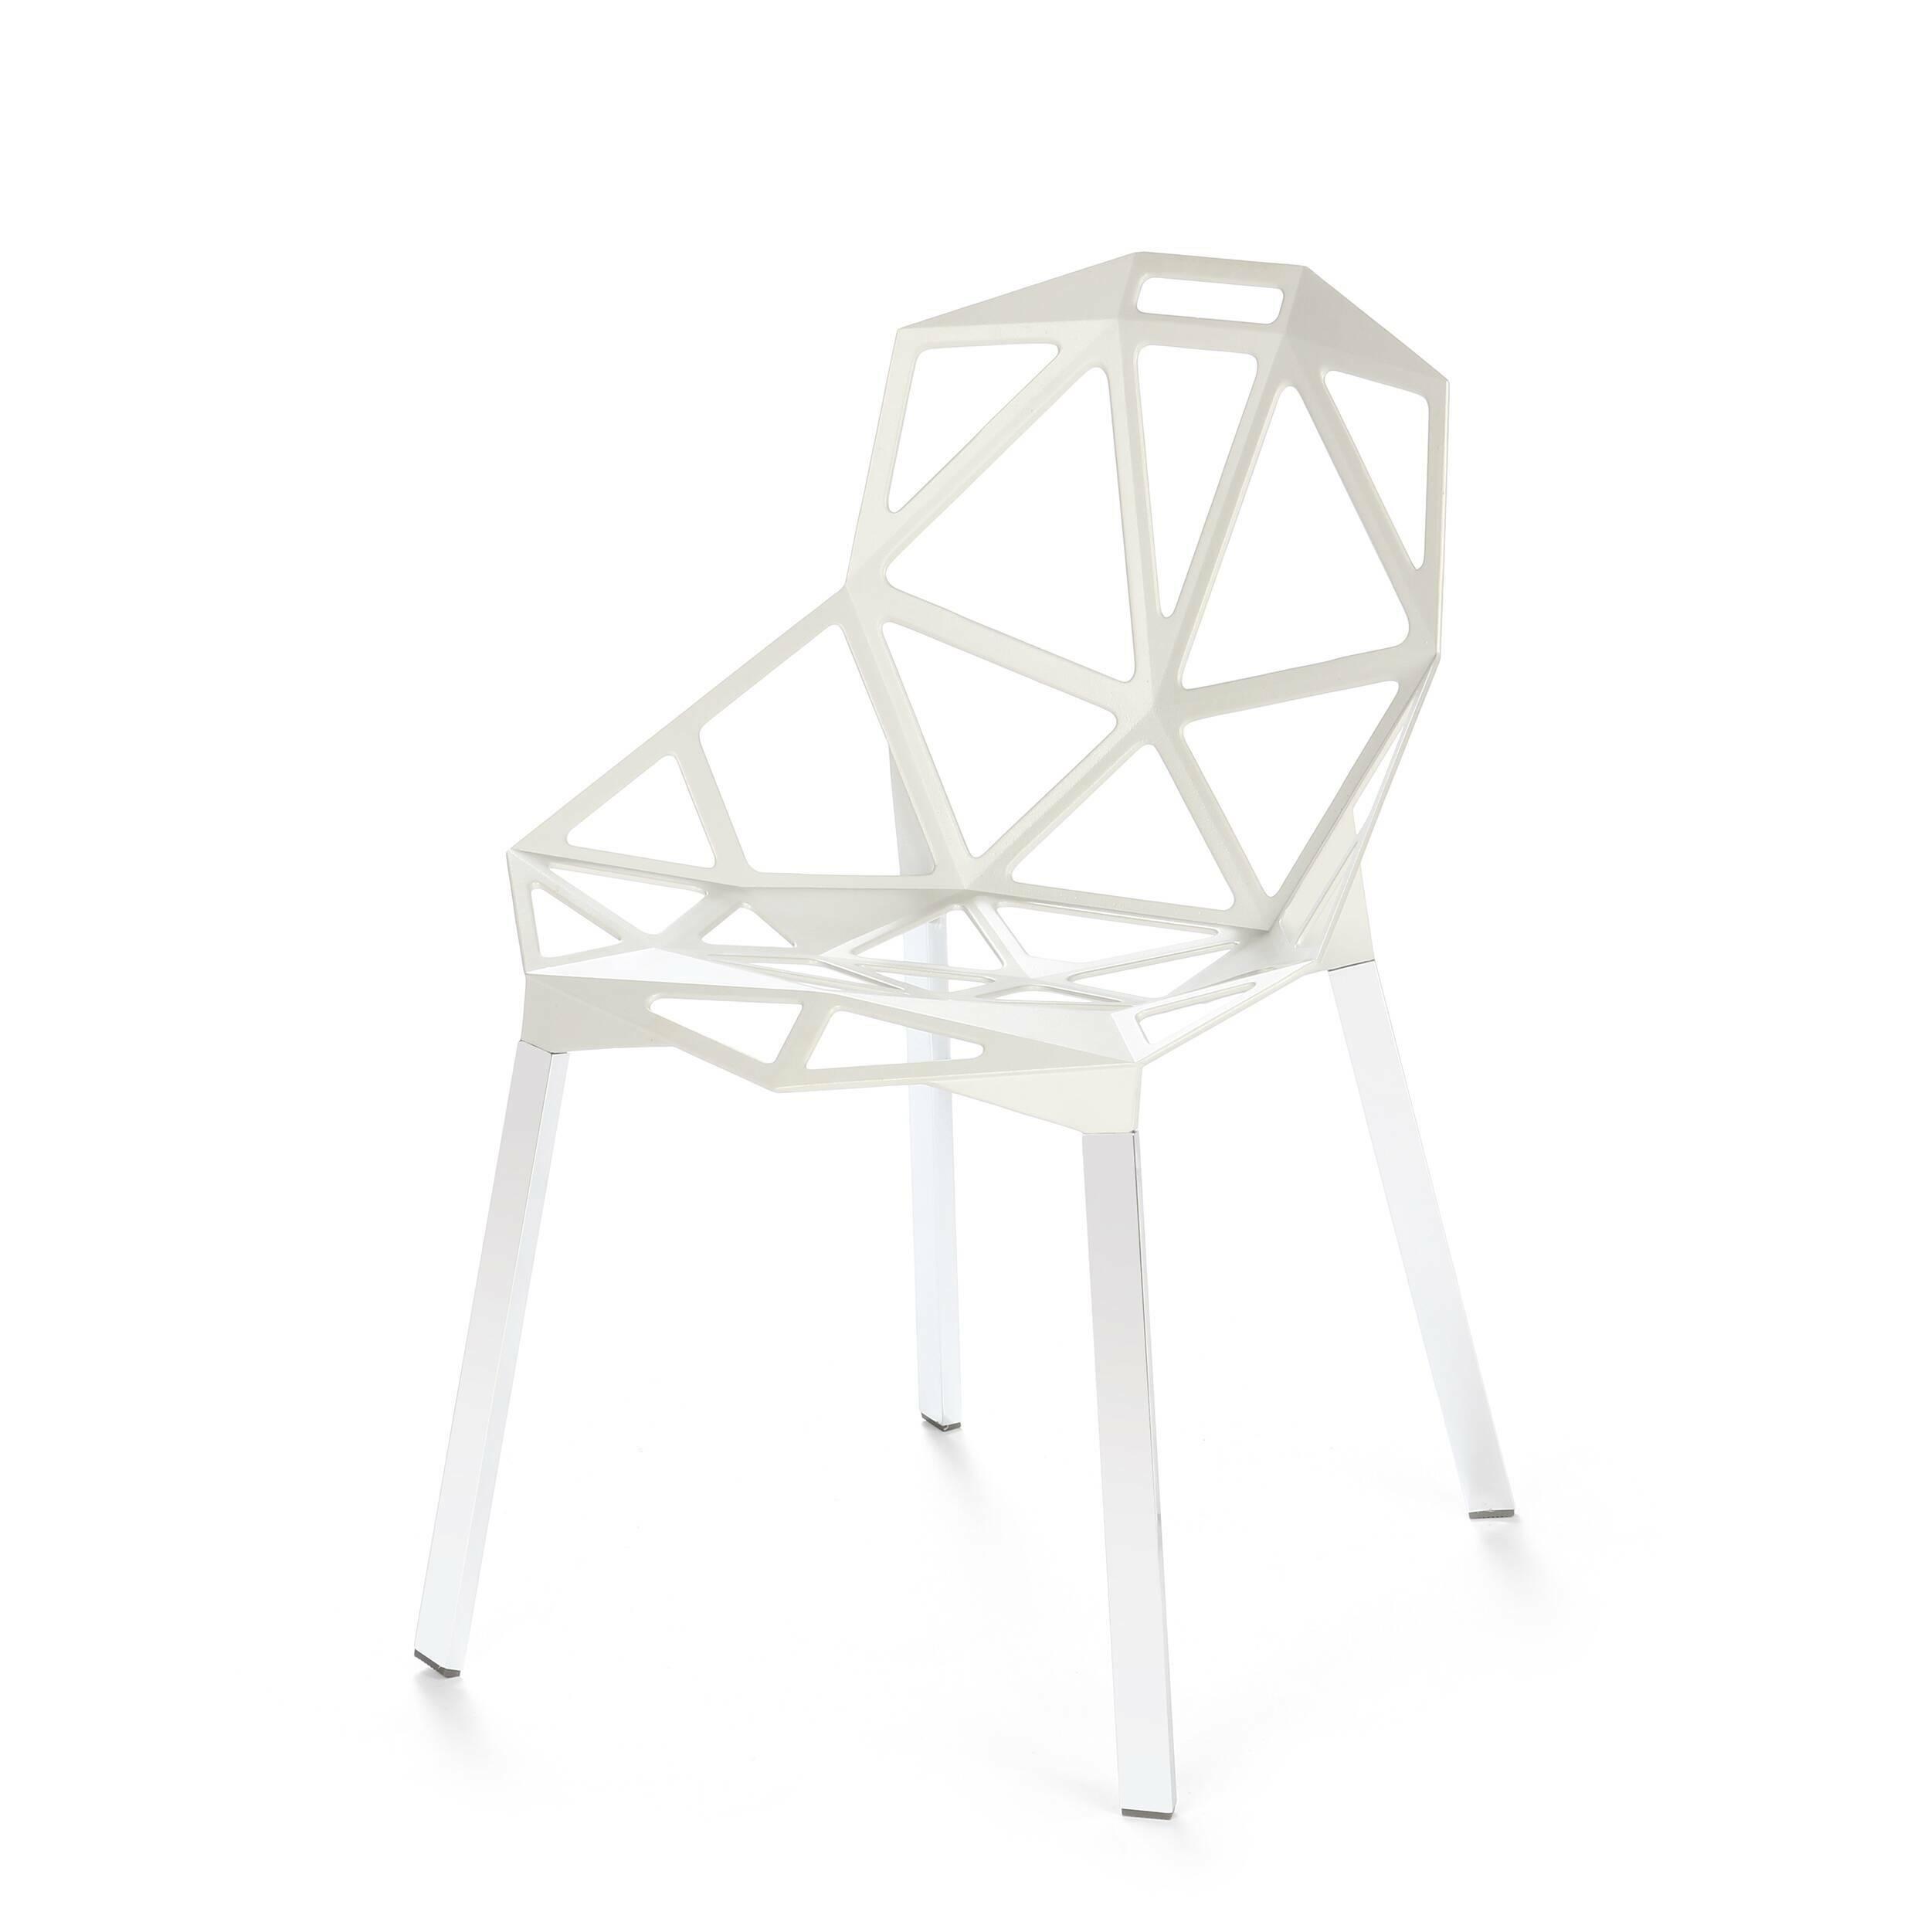 Стул OneИнтерьерные<br>Стильный и модный стул One от немецкого дизайнера Константина Грчича — вариант для тех, кто не может представить себе свой будущий интерьер без новомодных дизайнерских решений. Стул выполнен из чистого алюминия. Несмотря на столь грубый и прочный материал, комфортность стула ни в чем не пострадала. Отдыхать в нем так же удобно, как и в комфортабельном кресле. Это уютное «гнездышко» обязательно придется по вкусу и самым маленьким — изделие отлично подойдет и для детской.<br> <br> Стул доступен в ч...<br><br>stock: 18<br>Высота: 81<br>Высота сиденья: 45,5<br>Ширина: 55<br>Глубина: 57<br>Тип материала каркаса: Алюминий<br>Цвет каркаса: Белый